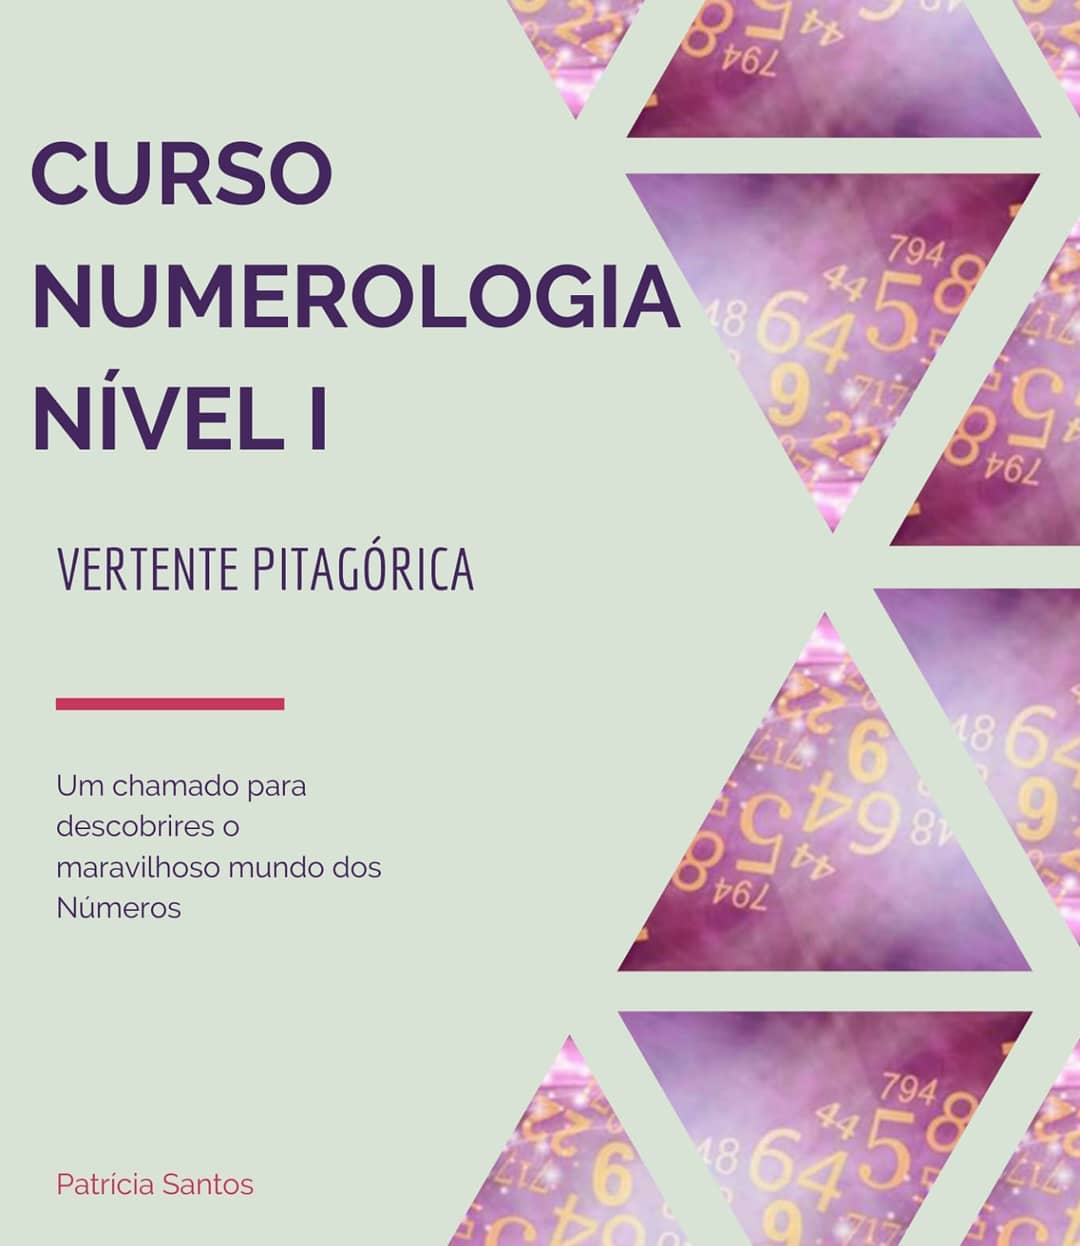 Curso Numerologia Pitagórica Nível I